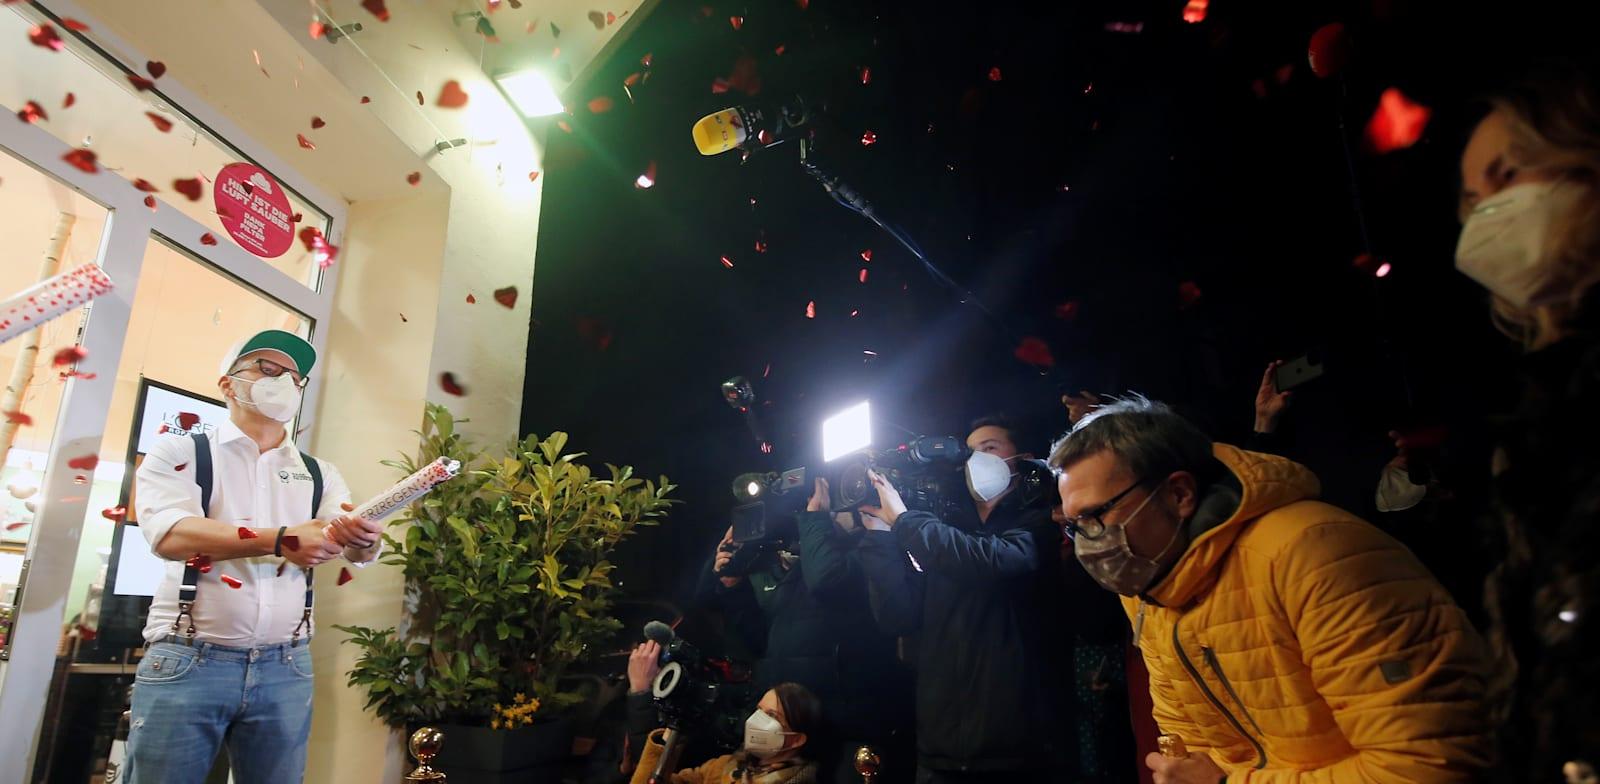 פתיחה חגיגית מחדש של אחת המספרות בגרמניה לאחר שניתן אישור לפתוח / צילום: Reuters